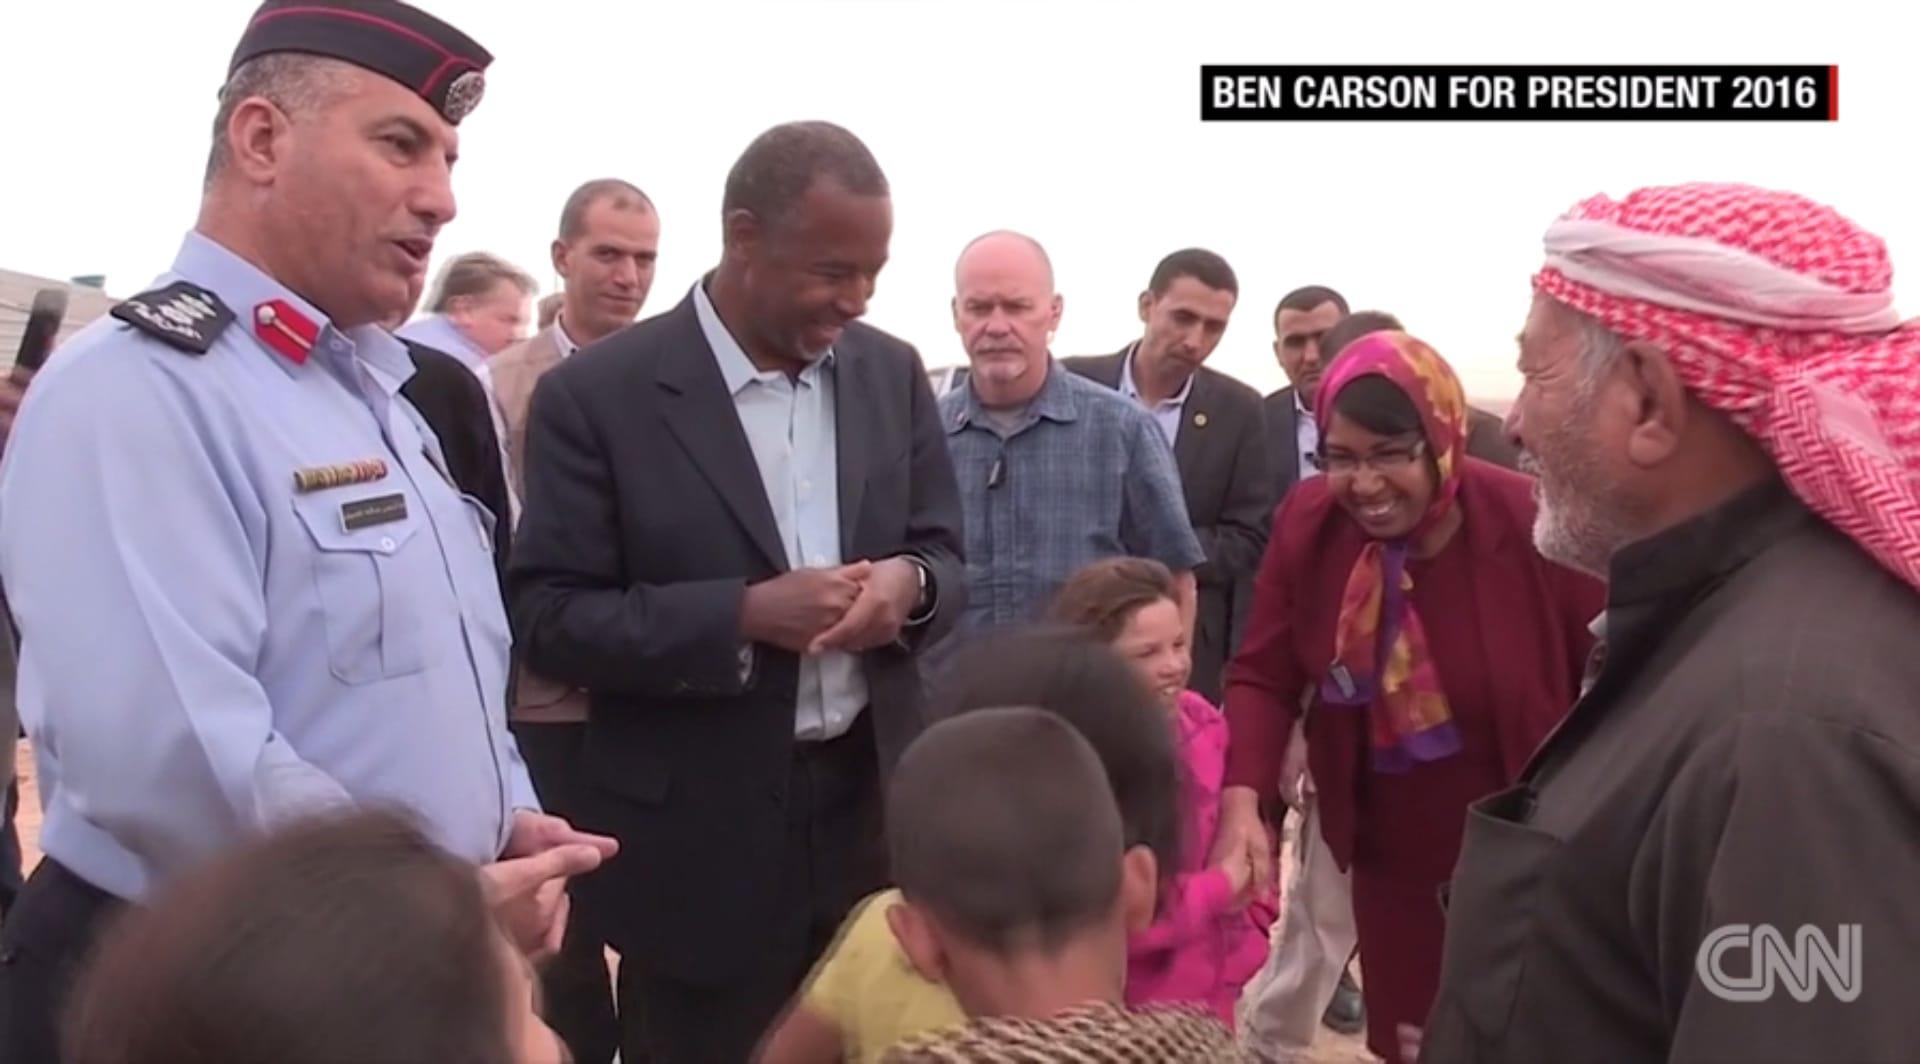 """بن كارسون: اللاجئون السوريون يريدون البقاء في بلدهم.. وبعض المخيمات """"في الحقيقة لطيفة جدا"""""""